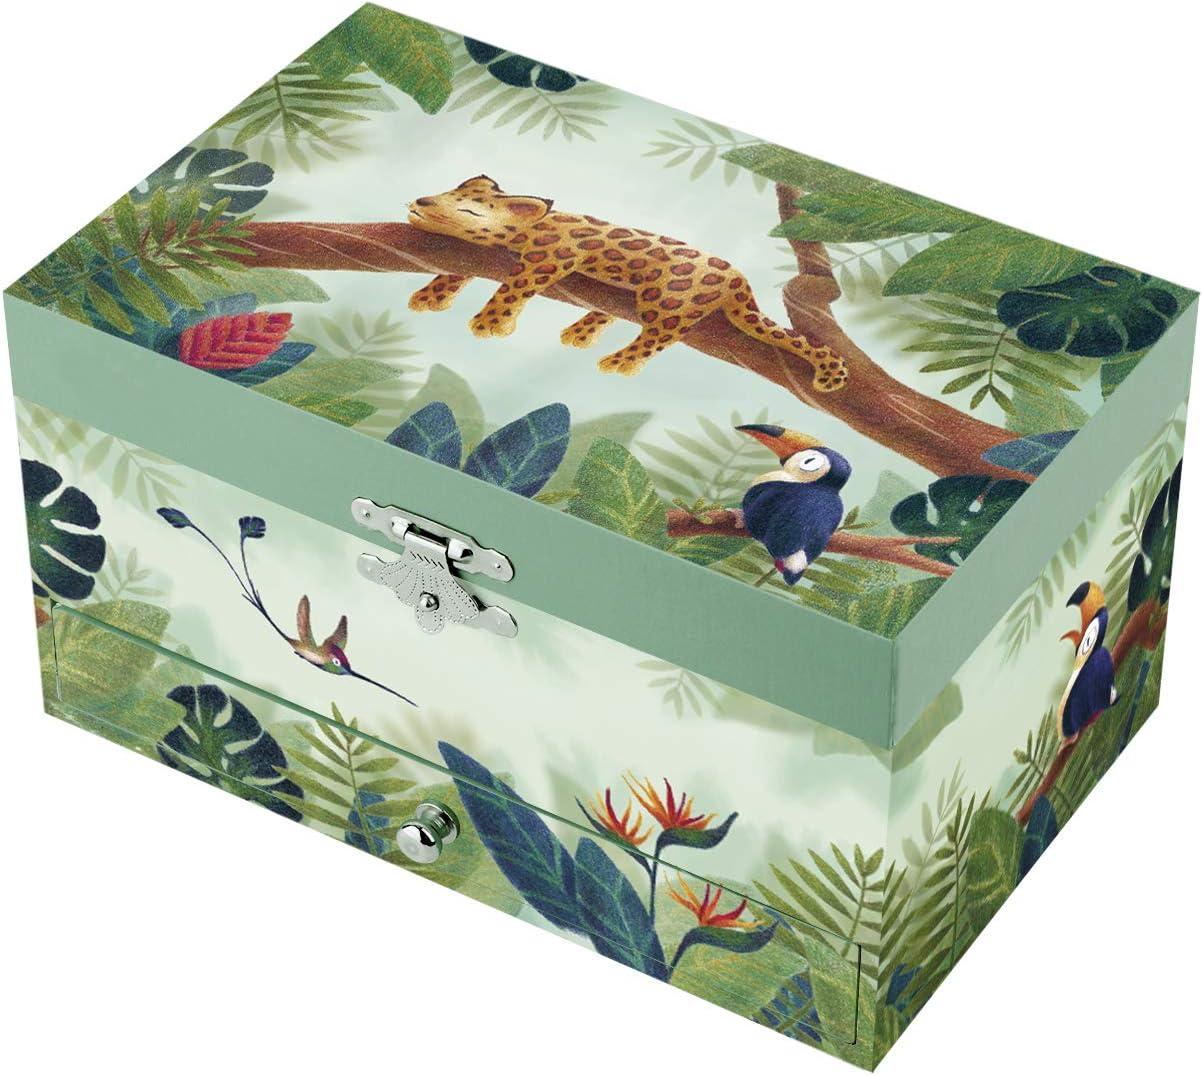 Trousselier SA-Joyas Spieldose Die Savanne, Color carbón (S60924): Amazon.es: Juguetes y juegos